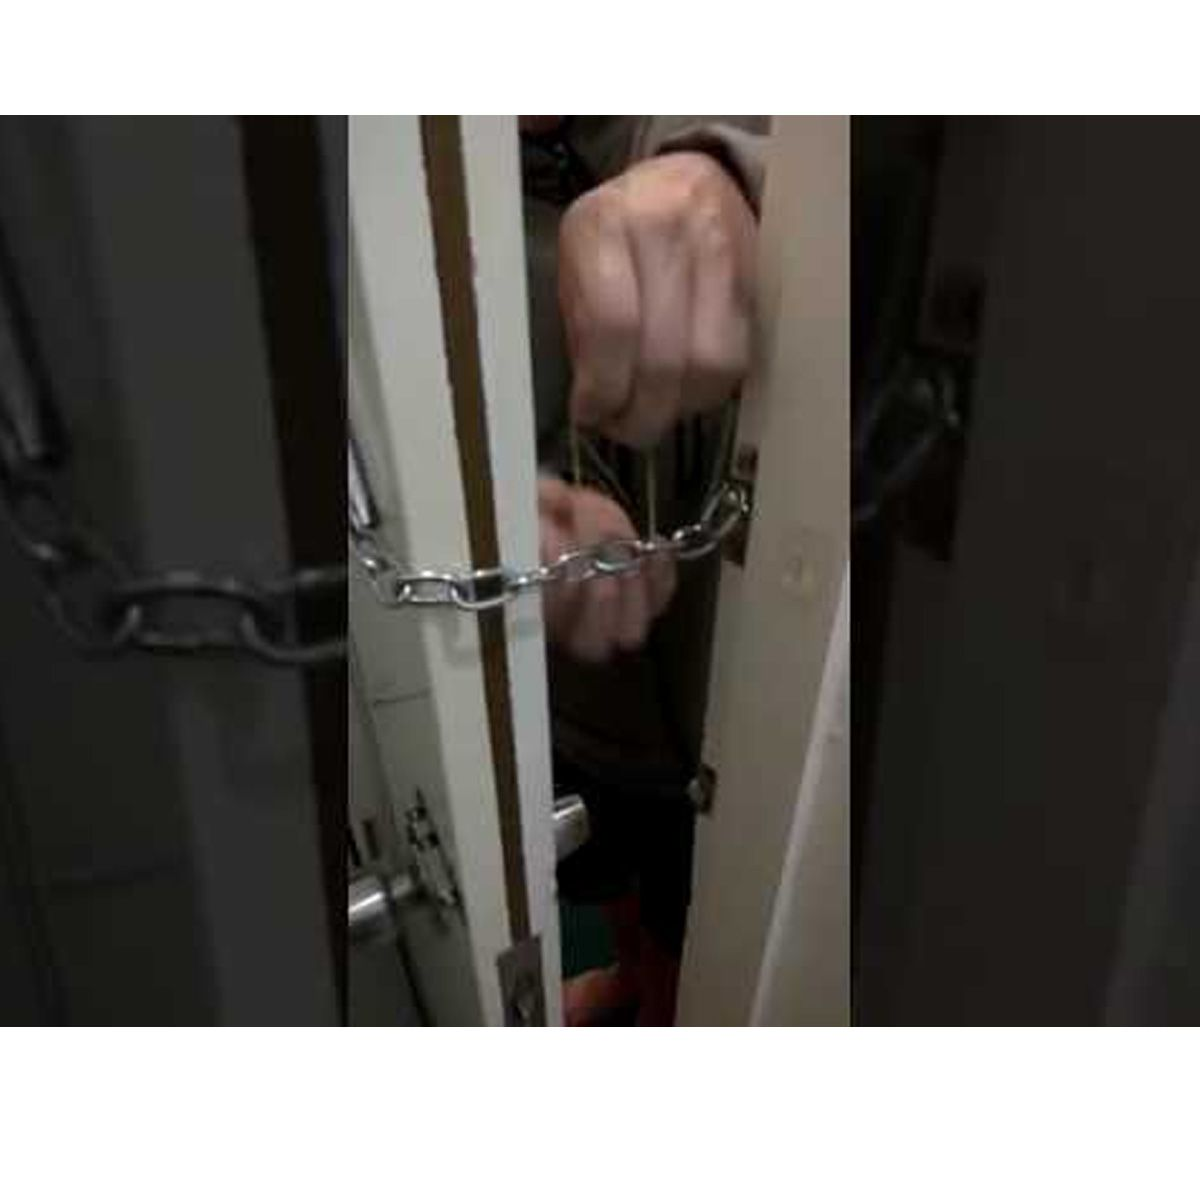 Fecho De Porta Pega Ladrão Cromado - Total Segurança